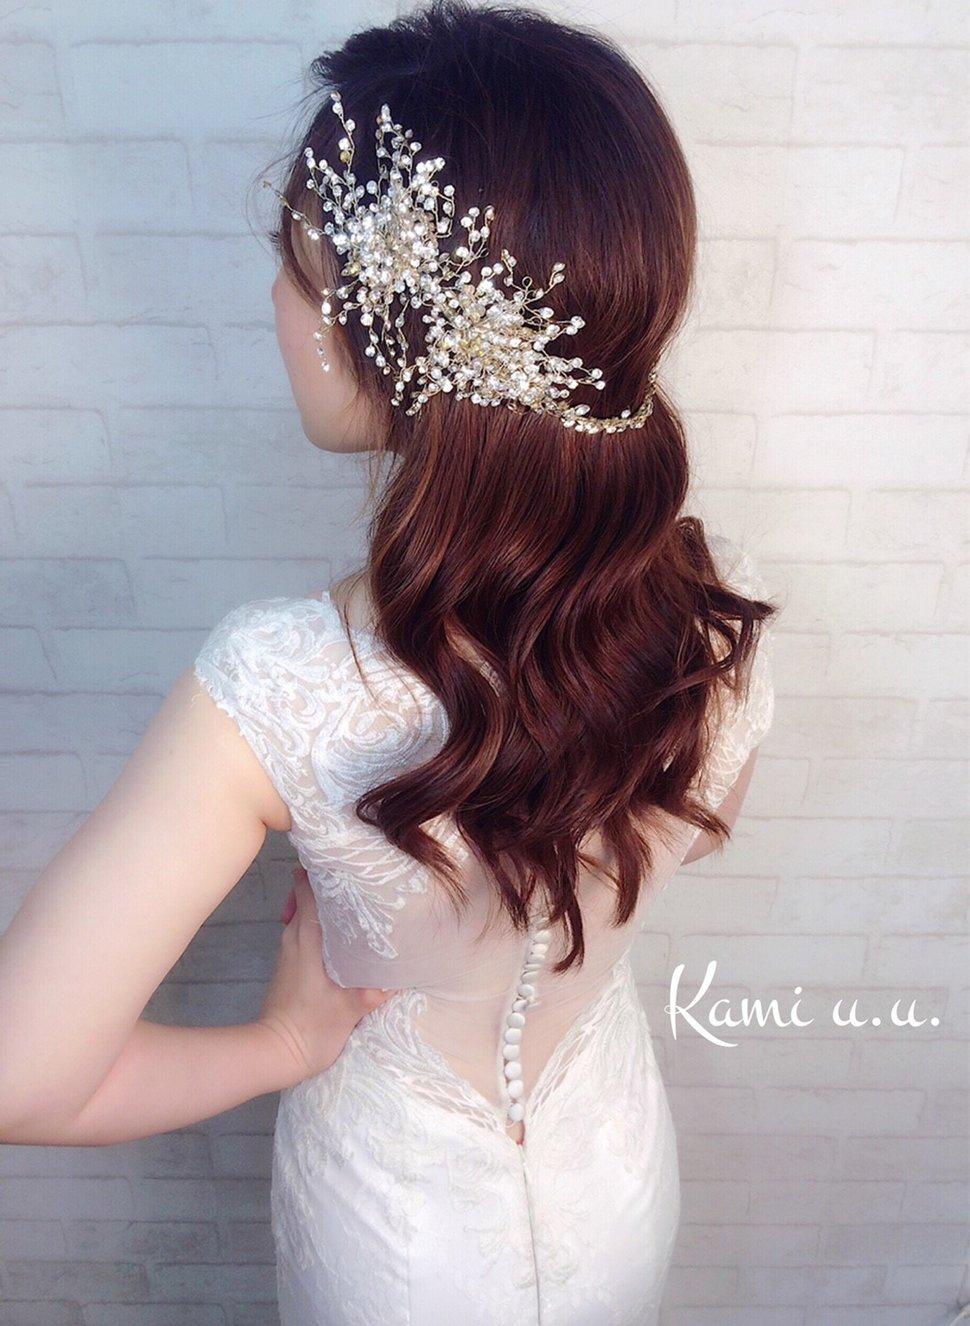 李宛霖_190223_0001 - Kami u.u. 龔芷筠《結婚吧》